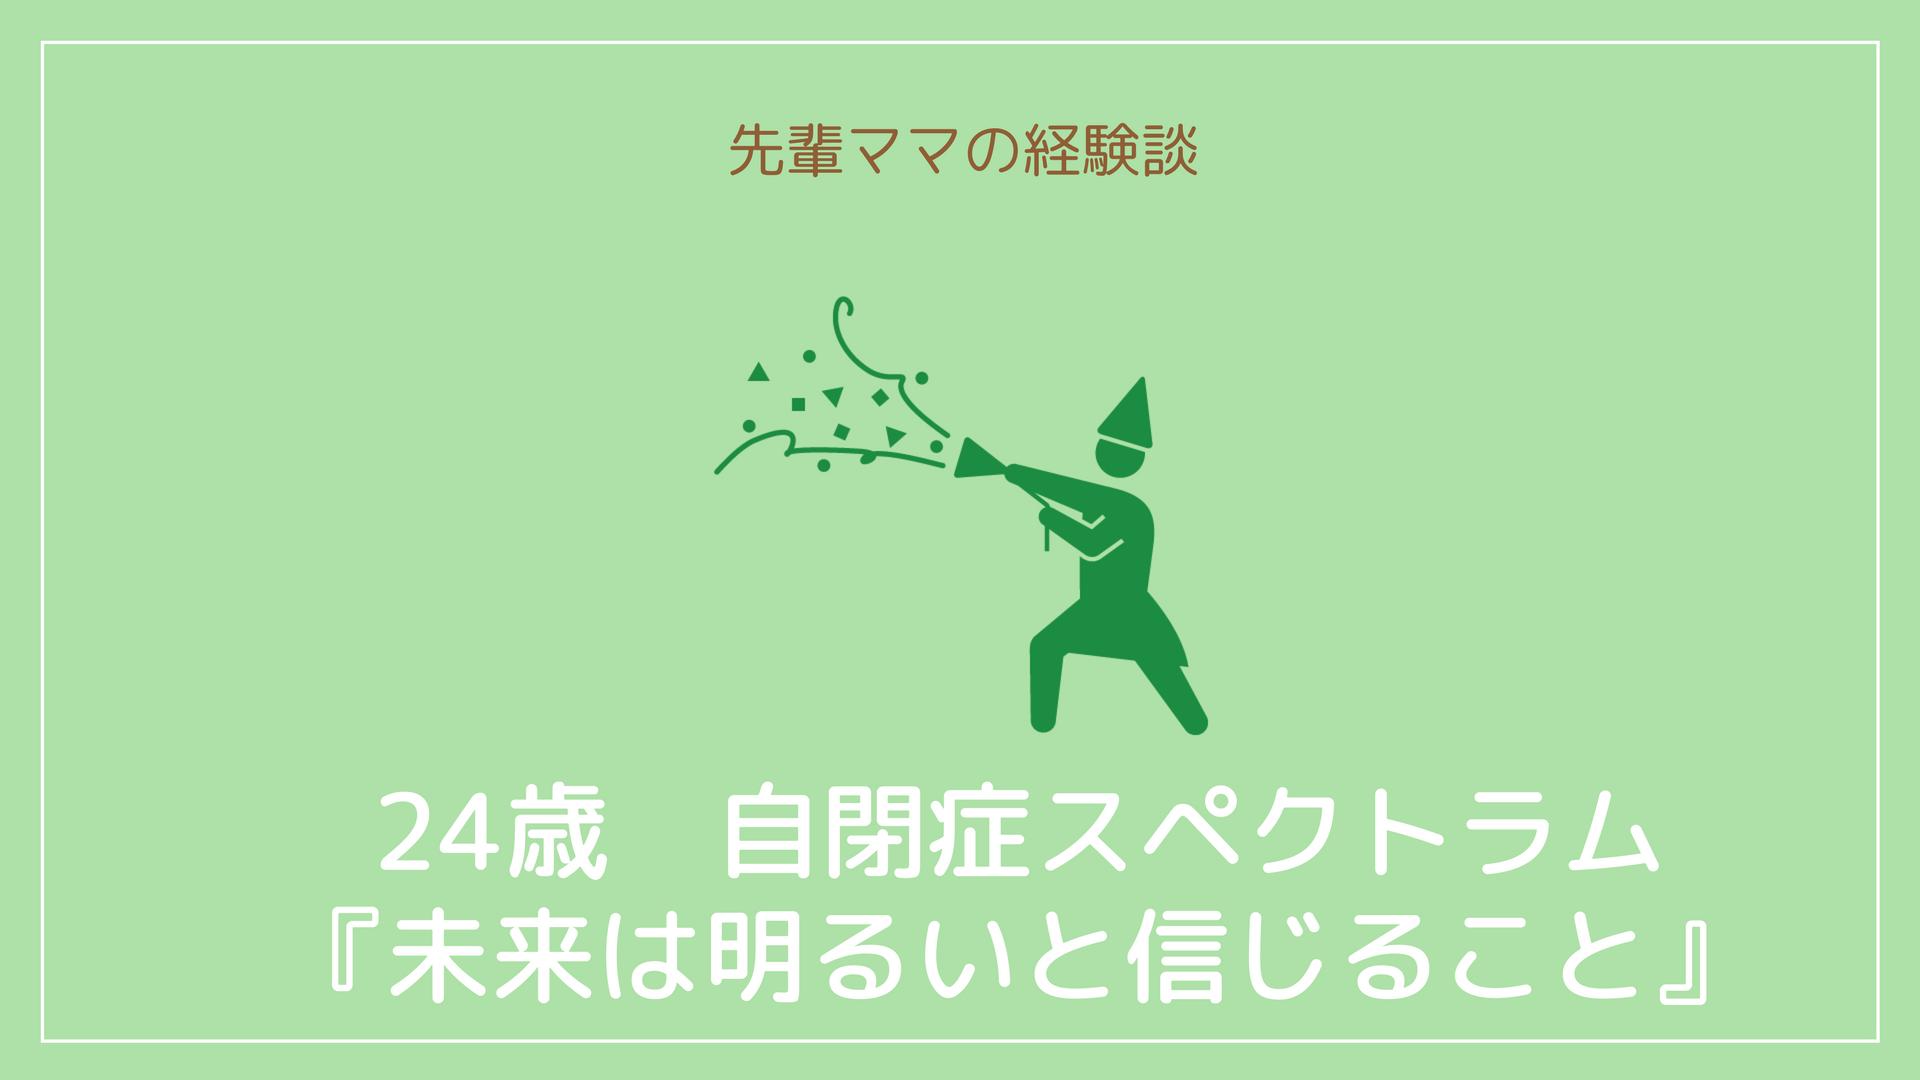 24歳 自閉症スペクトラム『発達障害は俺の武器』堀内祐子先生の子育て体験談